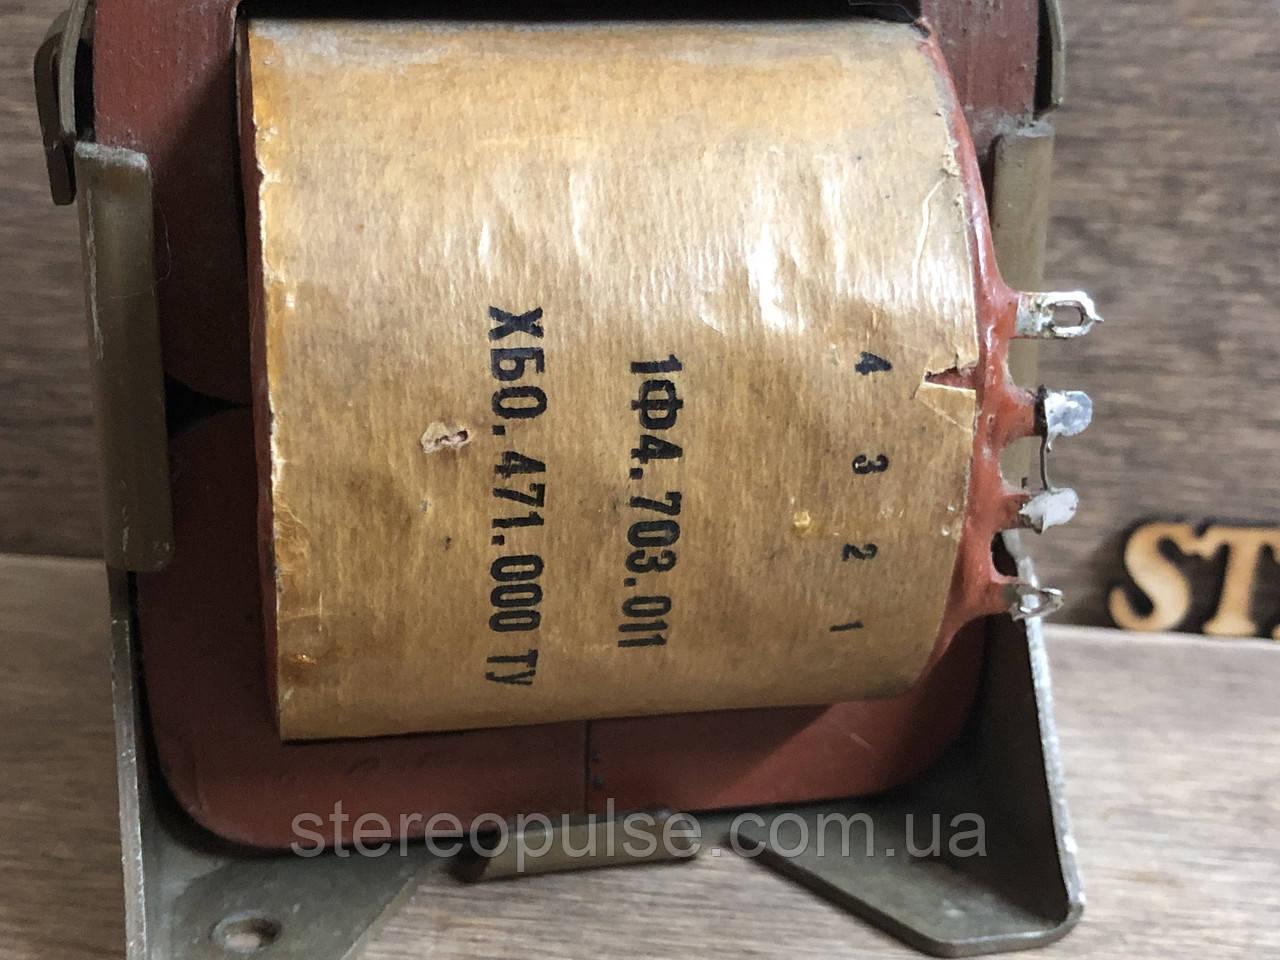 Трансформатор  1Ф4.703 011